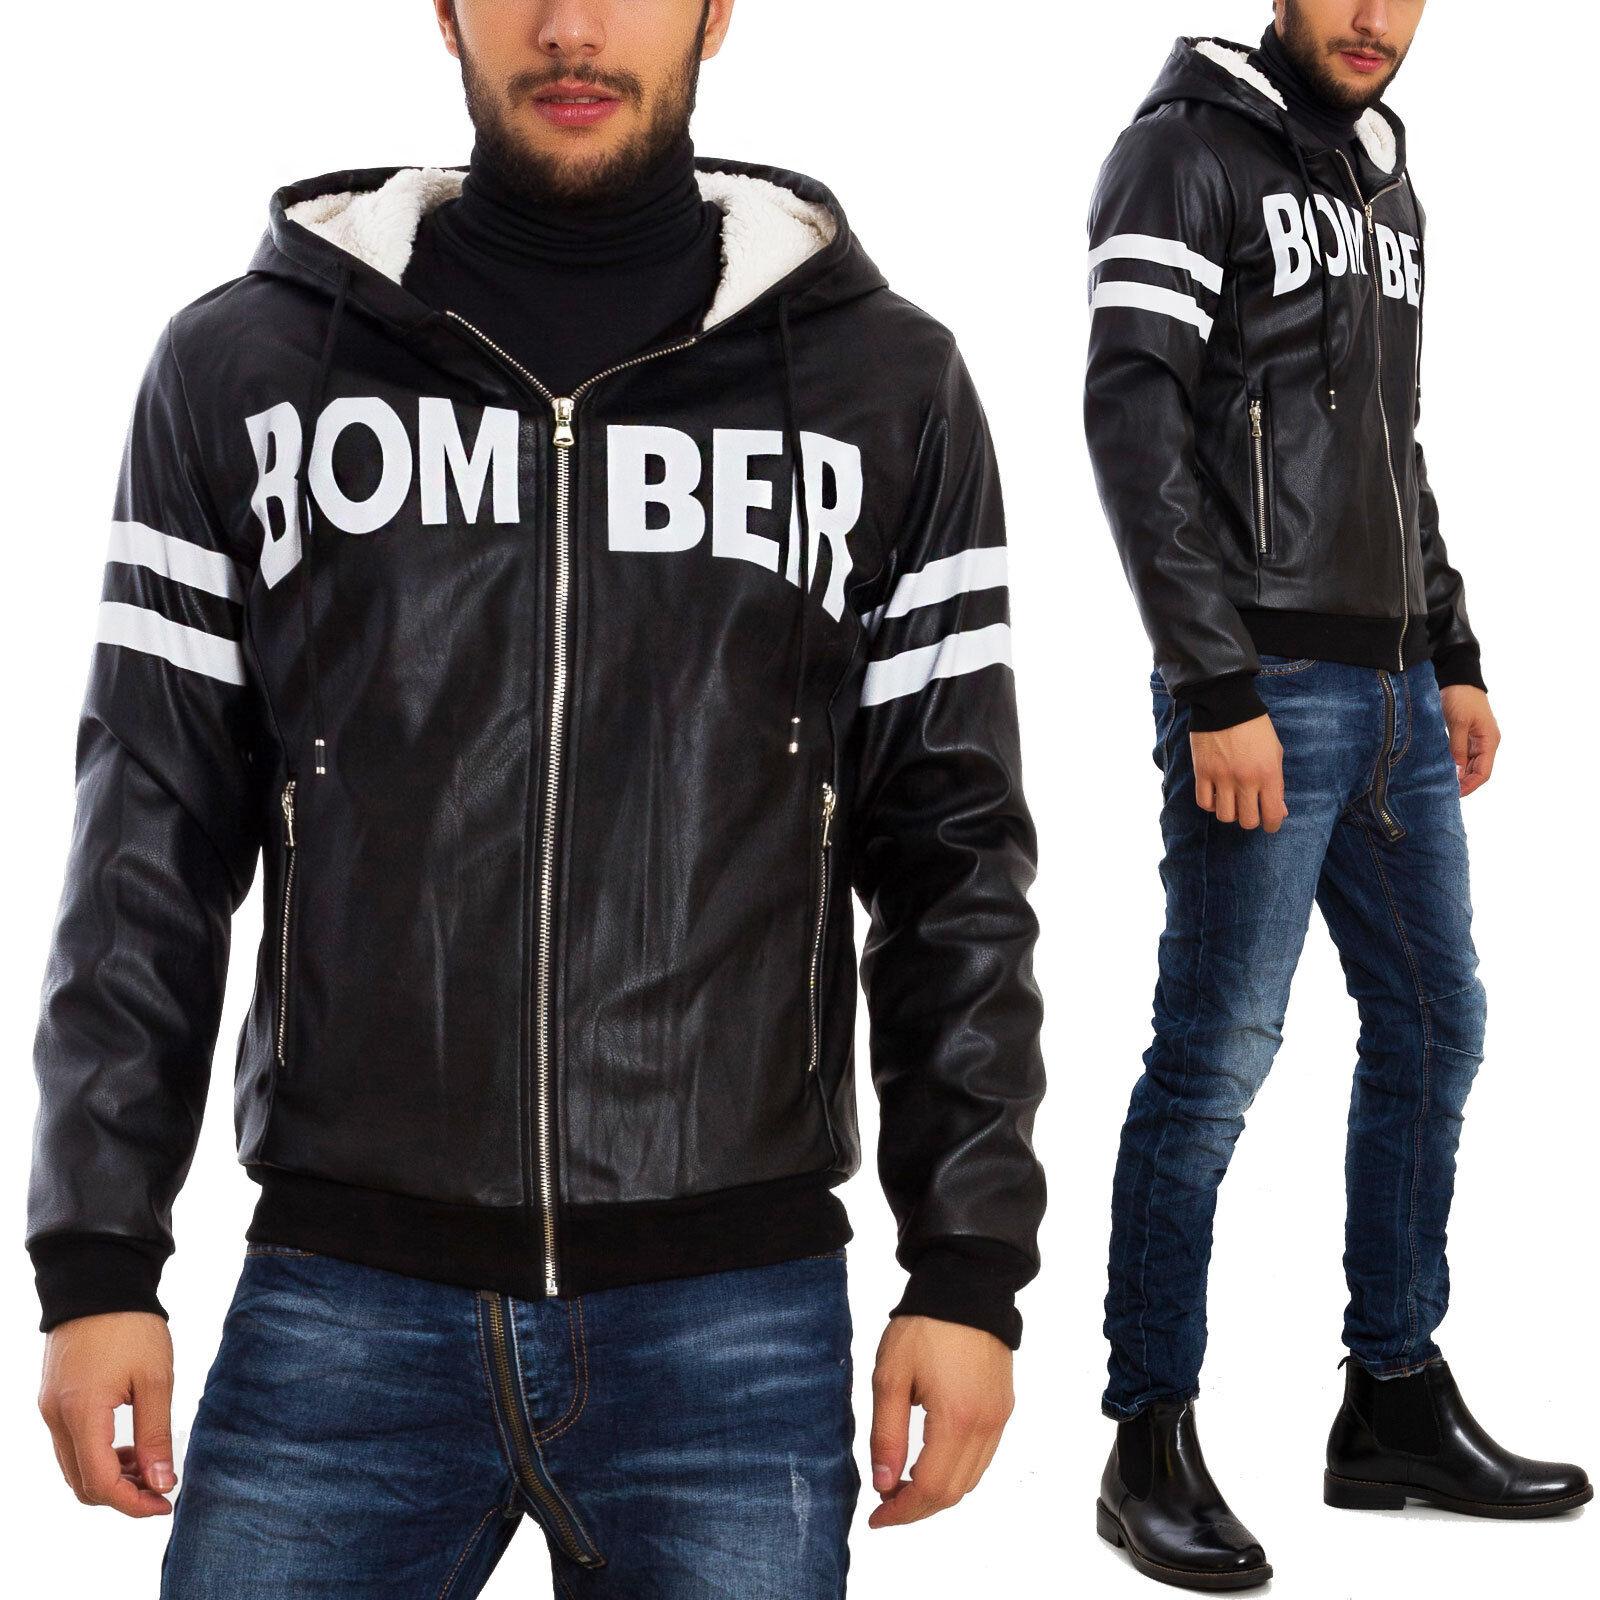 0bfd797b0f613 Abbigliamento e accessori Piumino uomo cappuccio giubbotto giacca TOOCOOL  zip giaccone invernale YP-28089 Cappotti e giacche